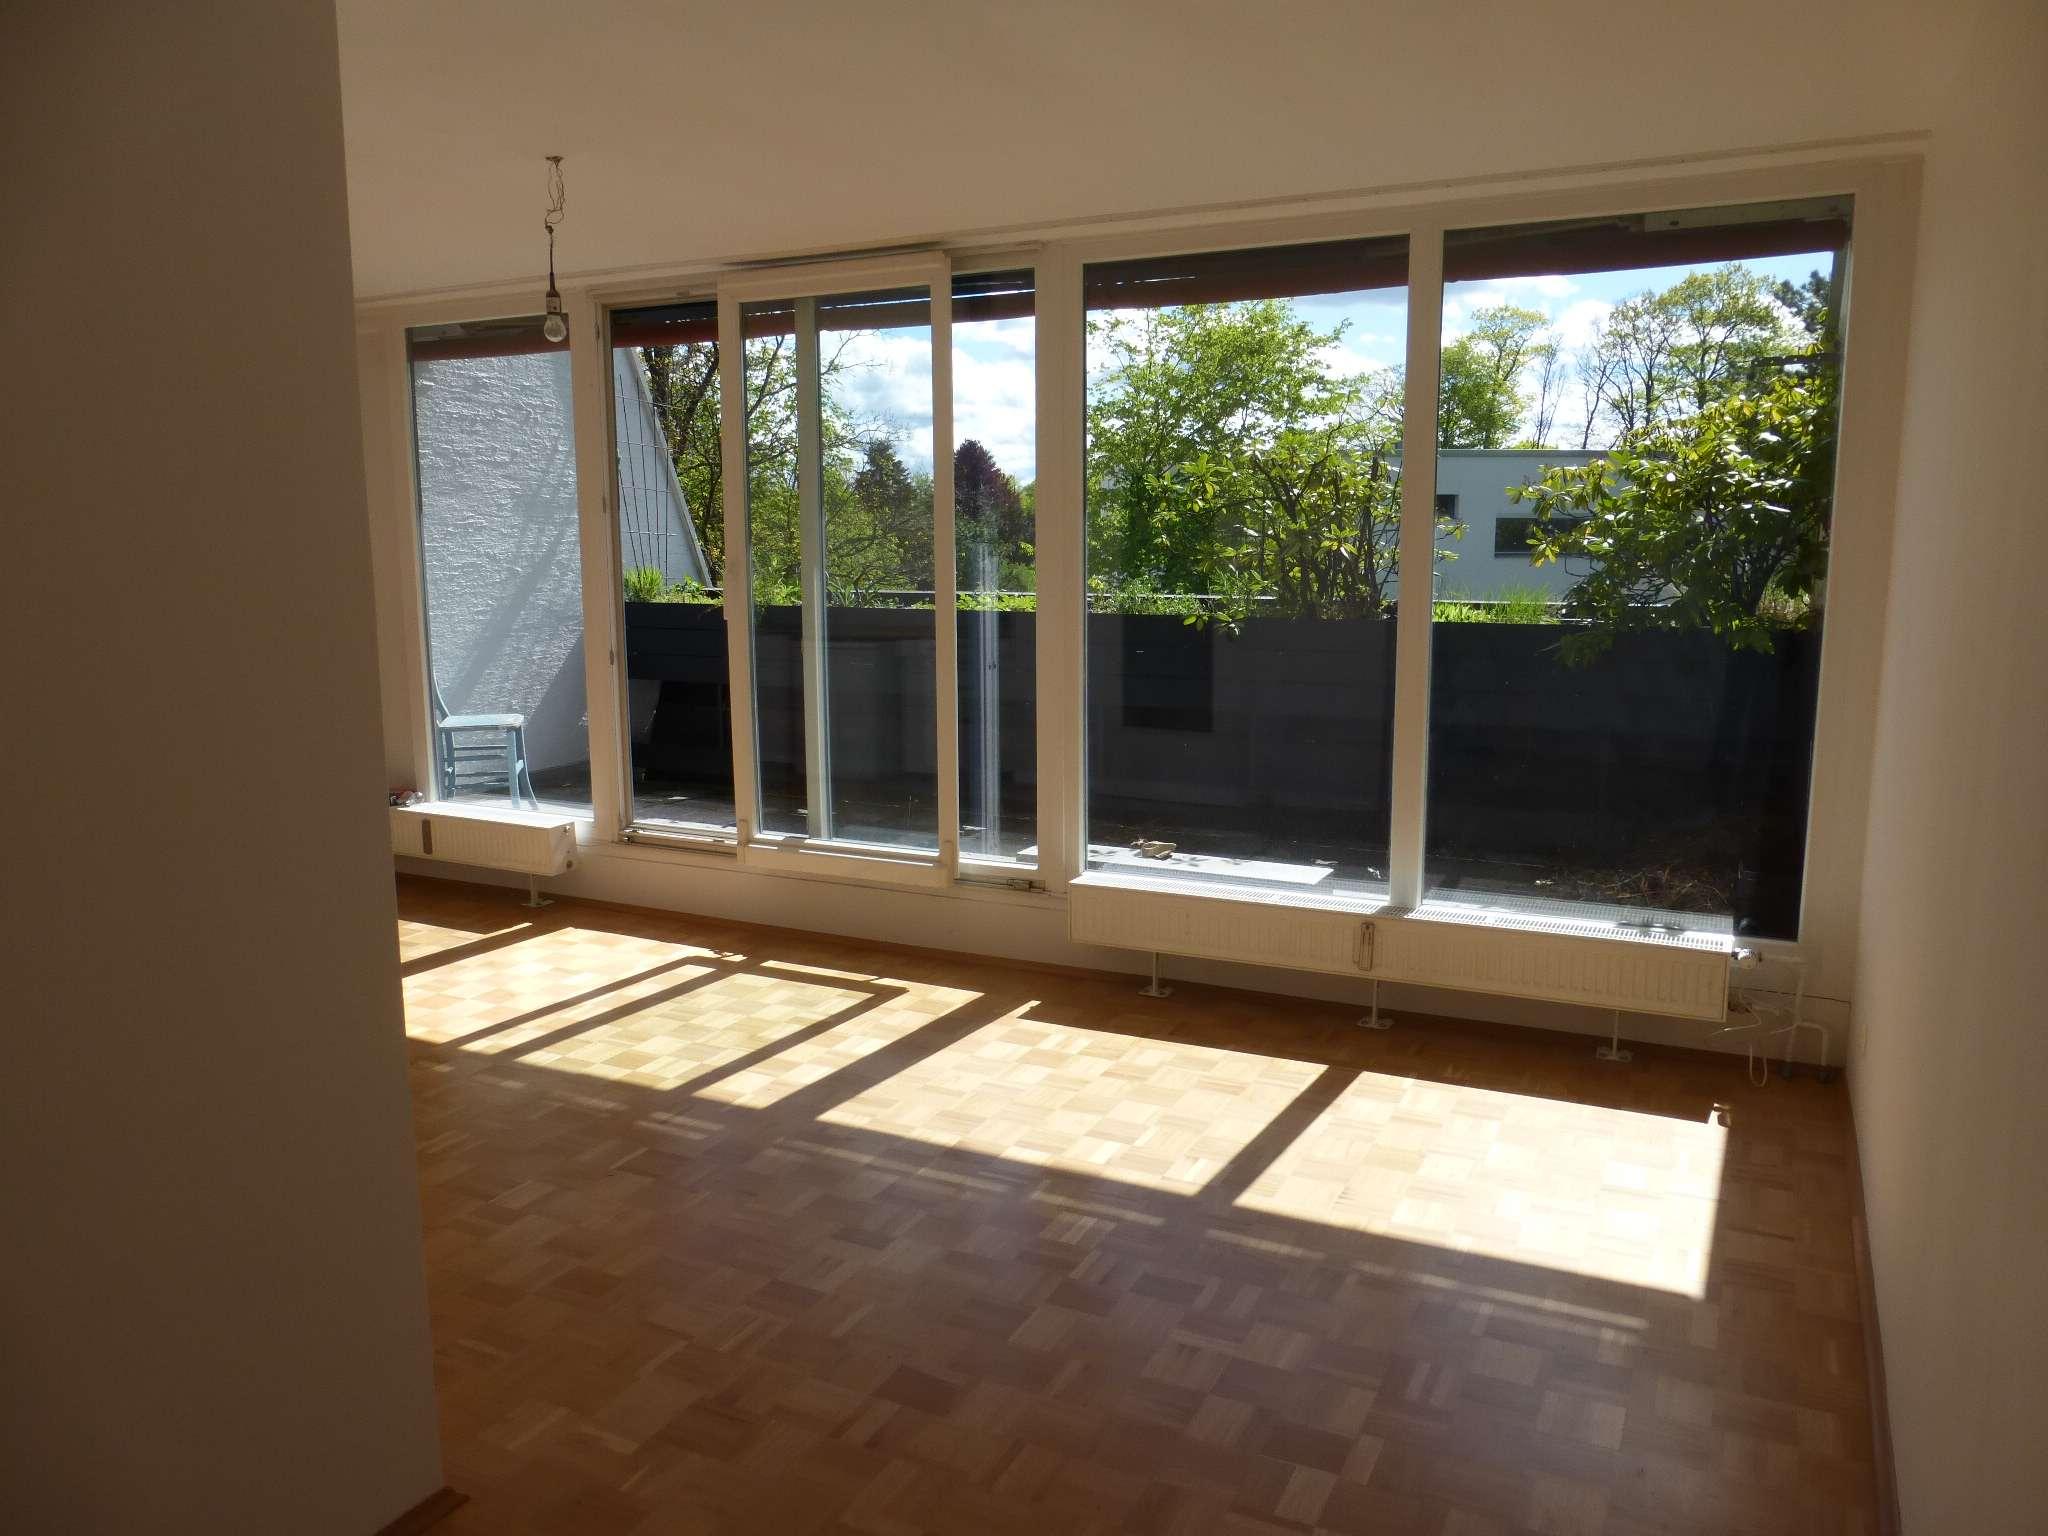 Wunderschöne, helle und vollständig renovierte 1-Zimmer-Wohnung mit Balkon in Krailling